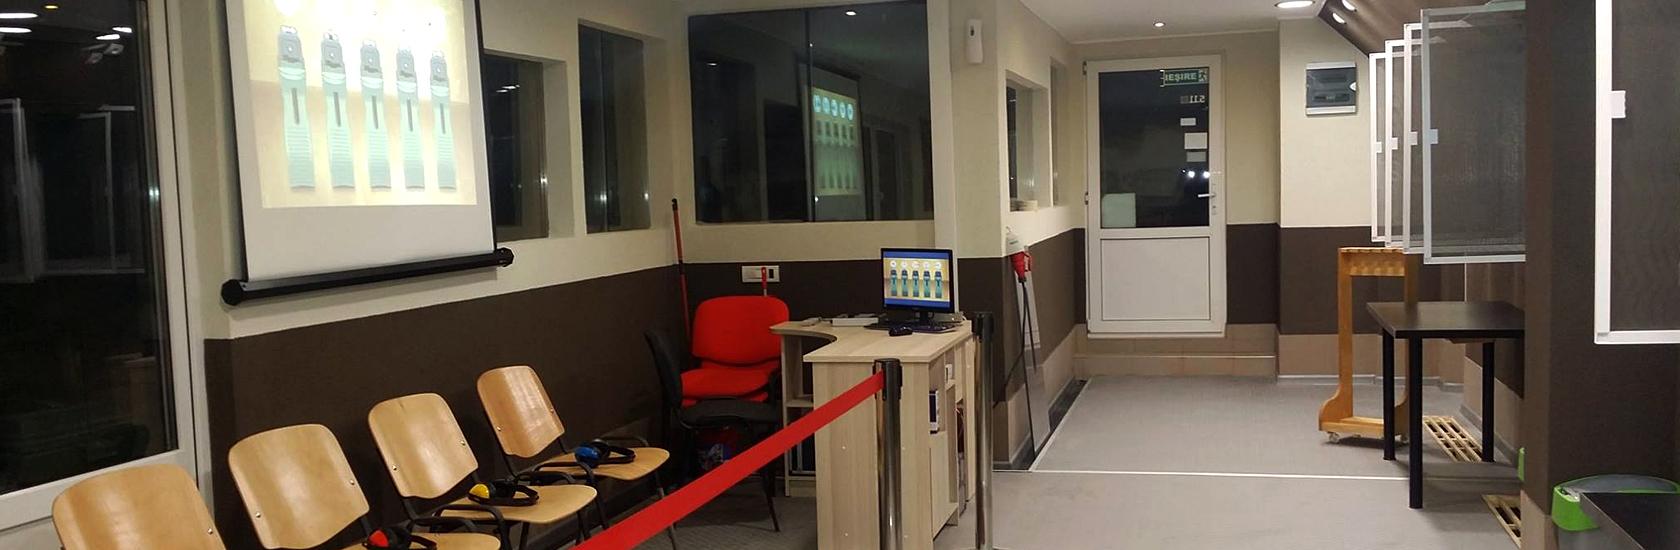 banner site indoor